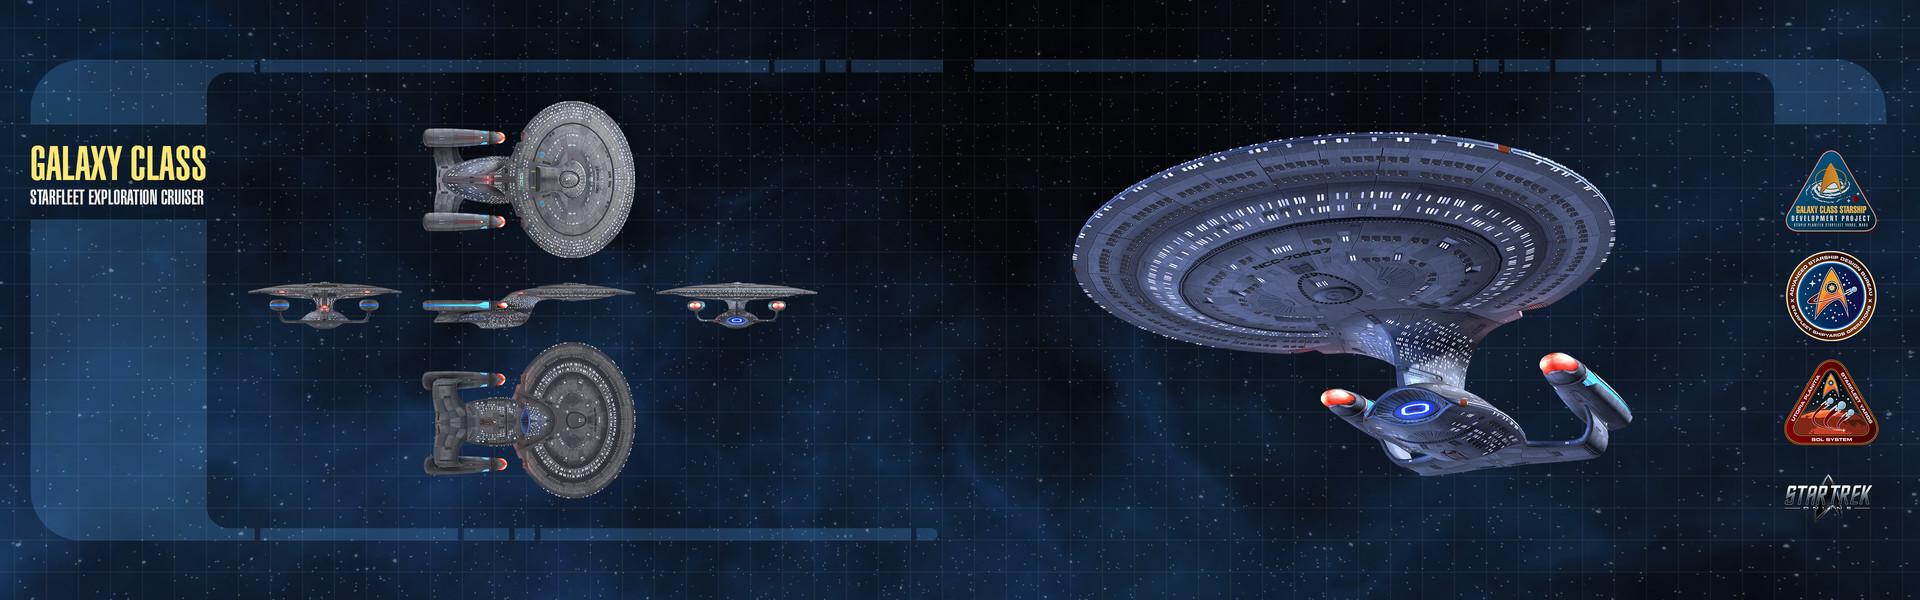 Thomas marrone wallpaper dual ship galaxy